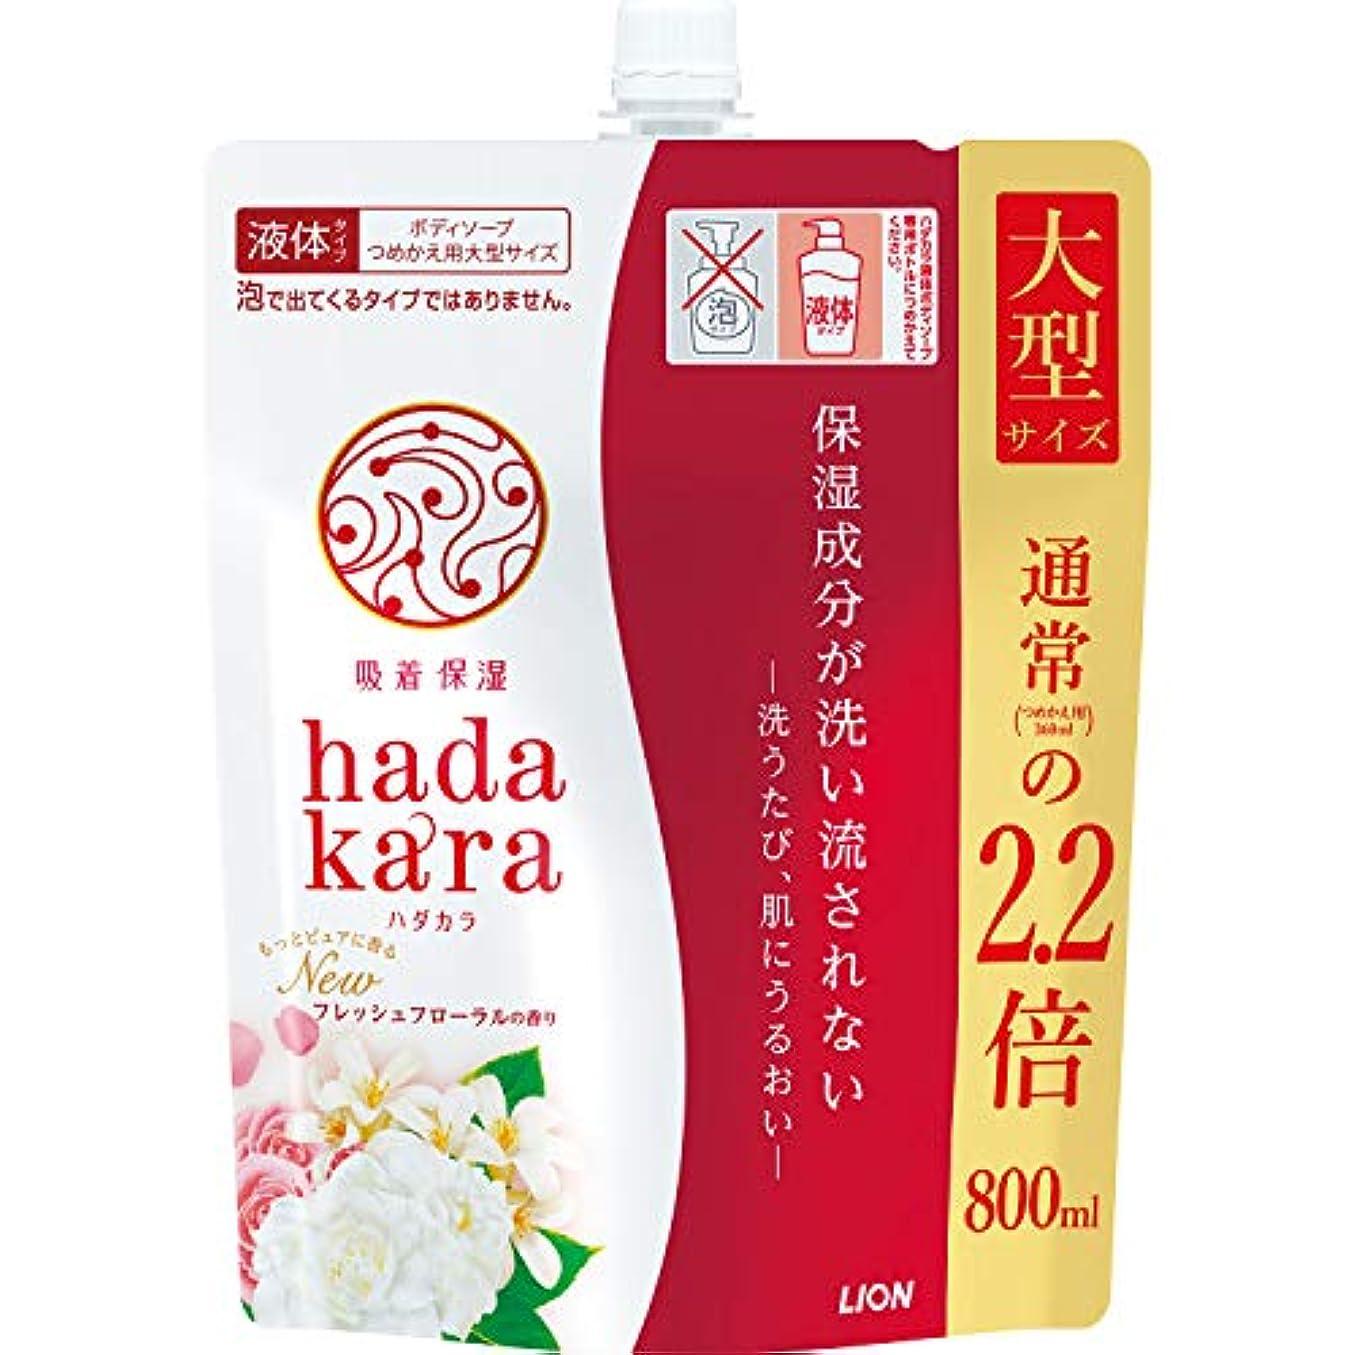 器用プレゼンター歪めるhadakara(ハダカラ) ボディソープ フレッシュフローラルの香り つめかえ用大型サイズ 800ml